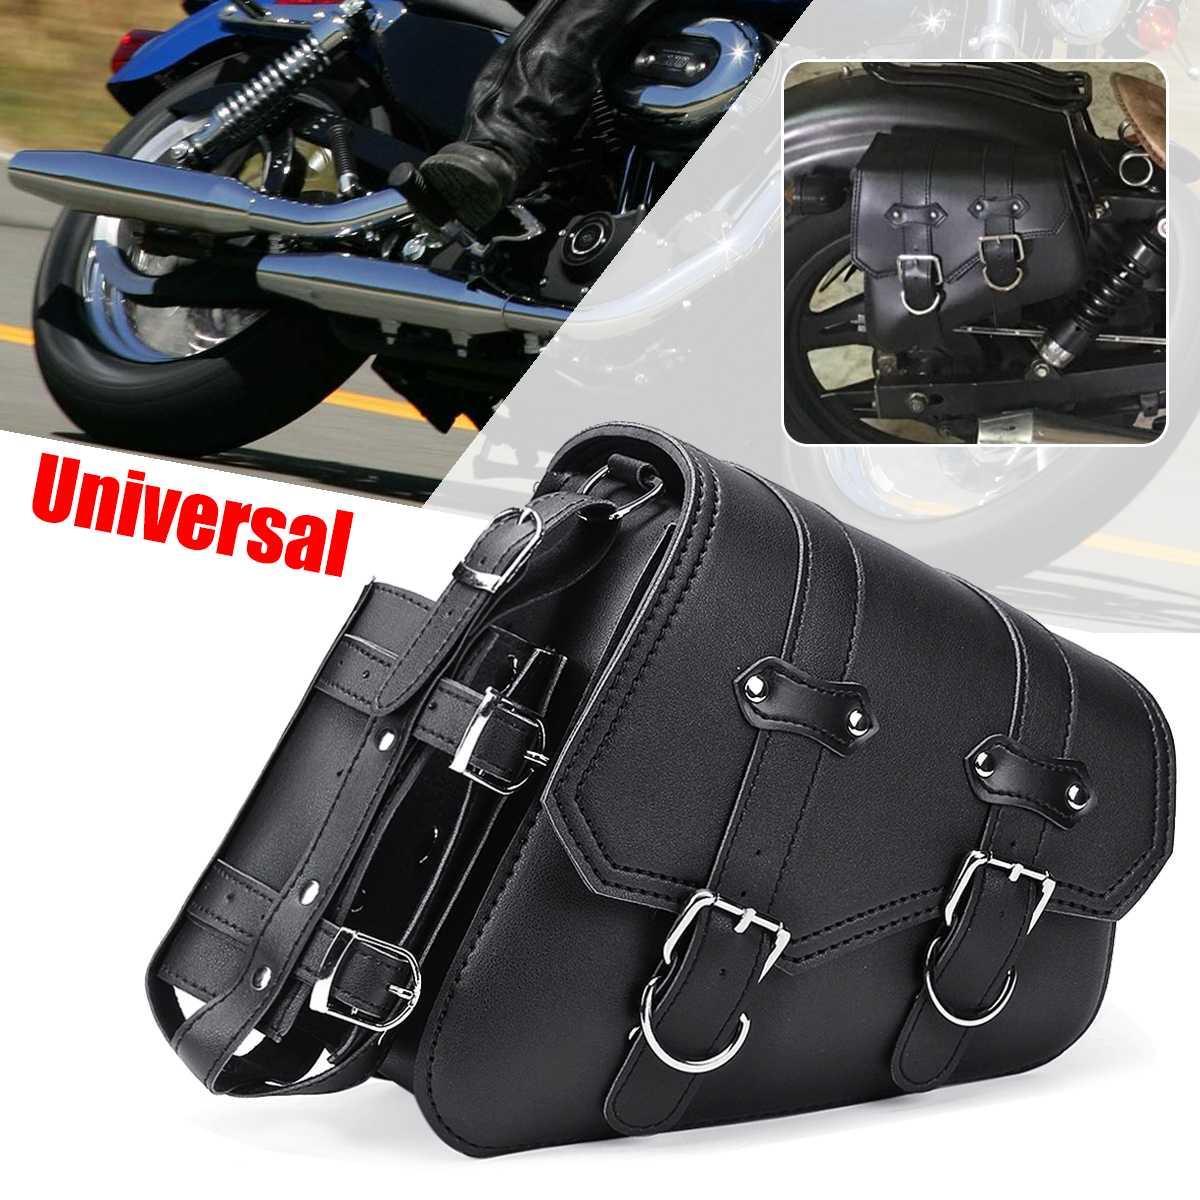 Izquierda derecha Universal PU de cuero de motocicleta para Harley Sportster para Honda Suzuki Kawasaki Yamaha